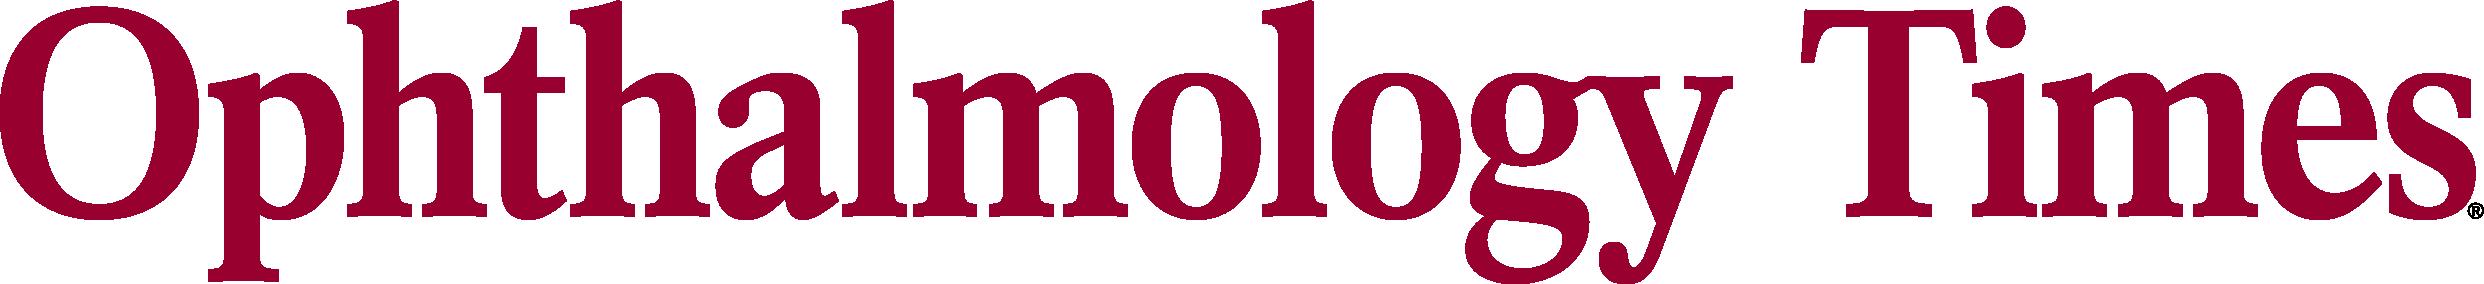 OT logo_2013.png